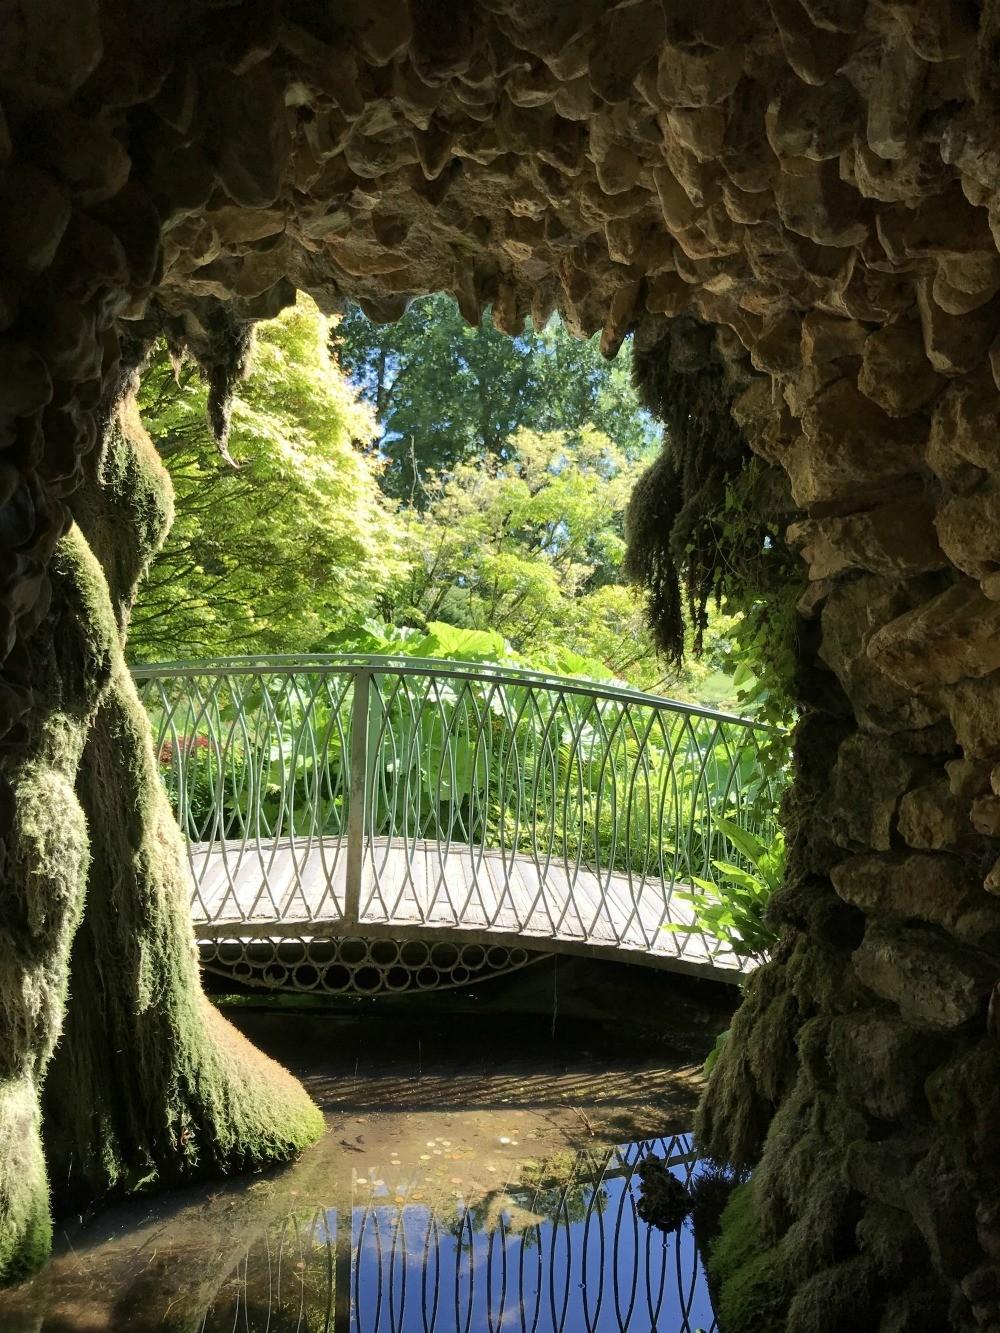 Grotto garden at Warner Hotels at Cricket St Thomas Photo Heatheronhertravels.com.jpg